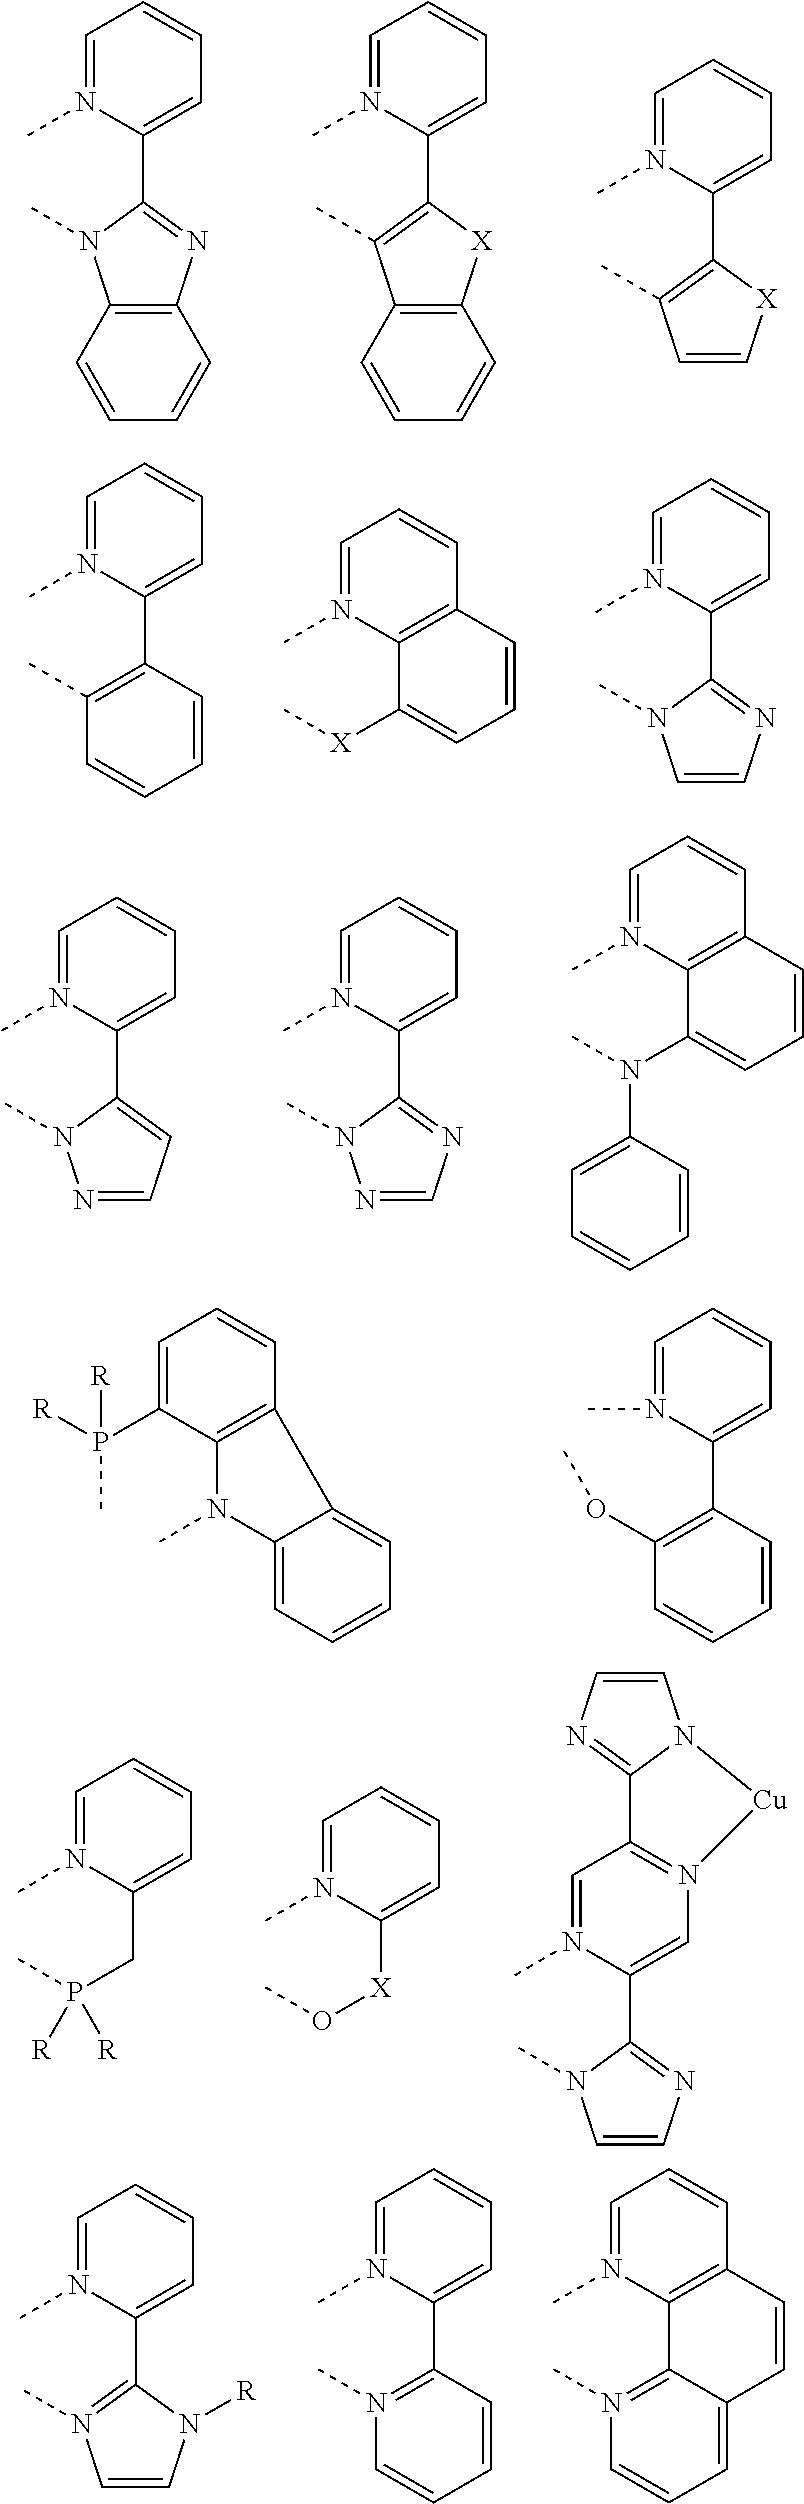 Figure US09773986-20170926-C00246